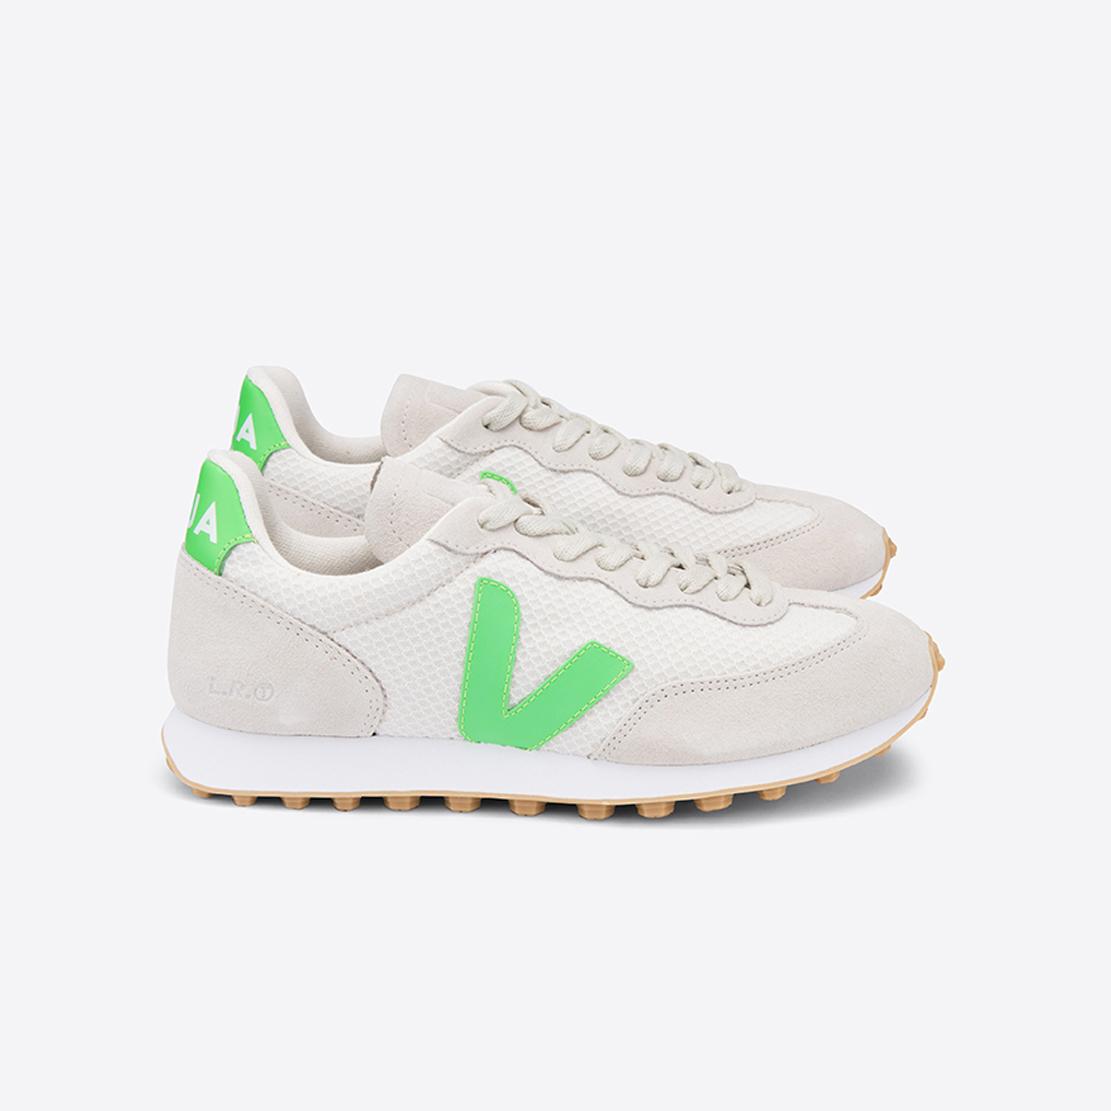 VEJA Rio-Branco Gravel Absinthe sneaker